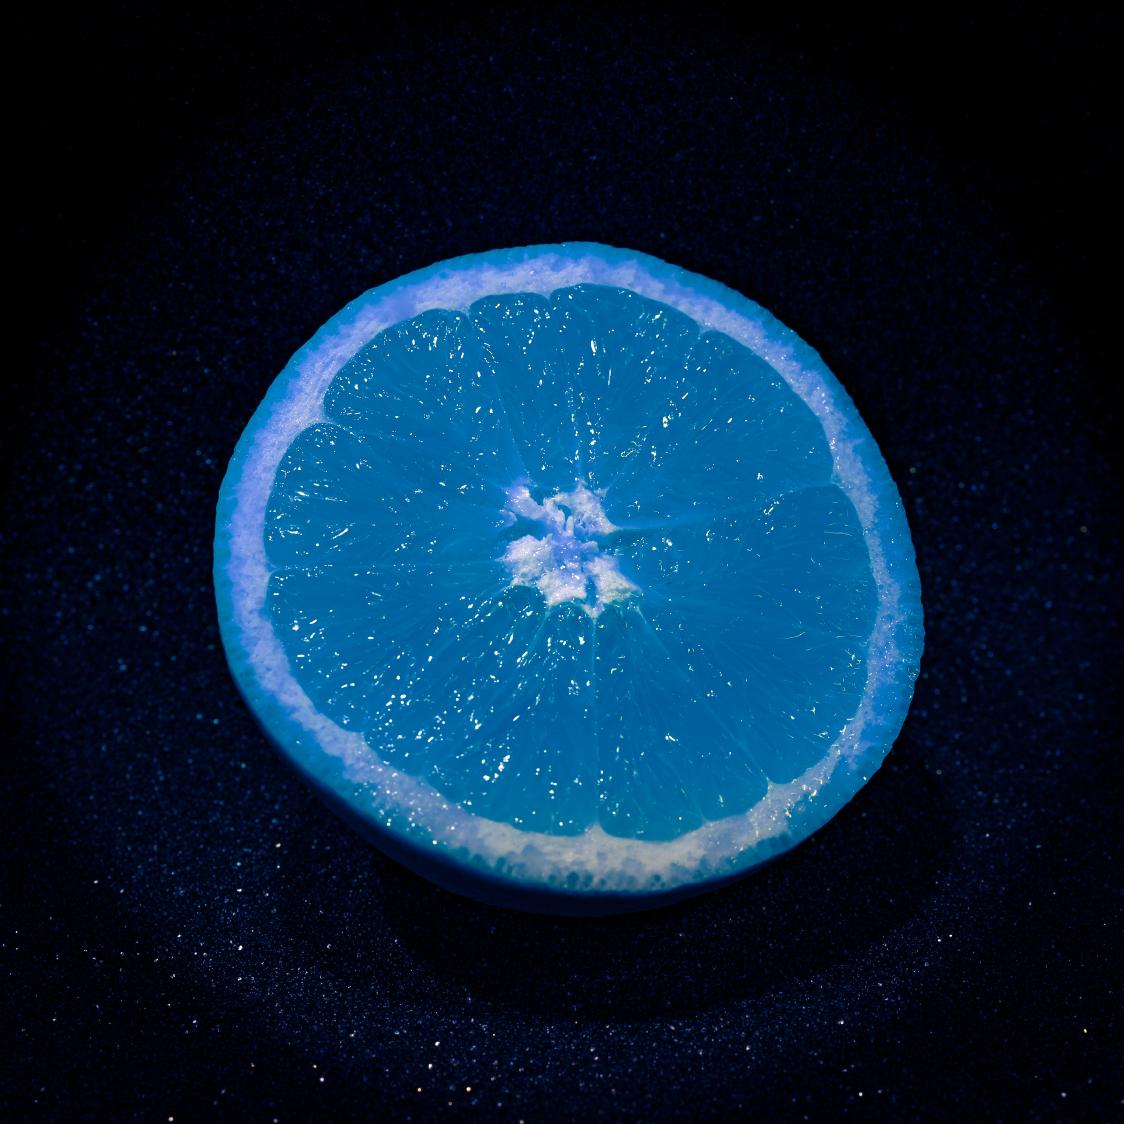 07-blue-orange-Andreas-Wilkening